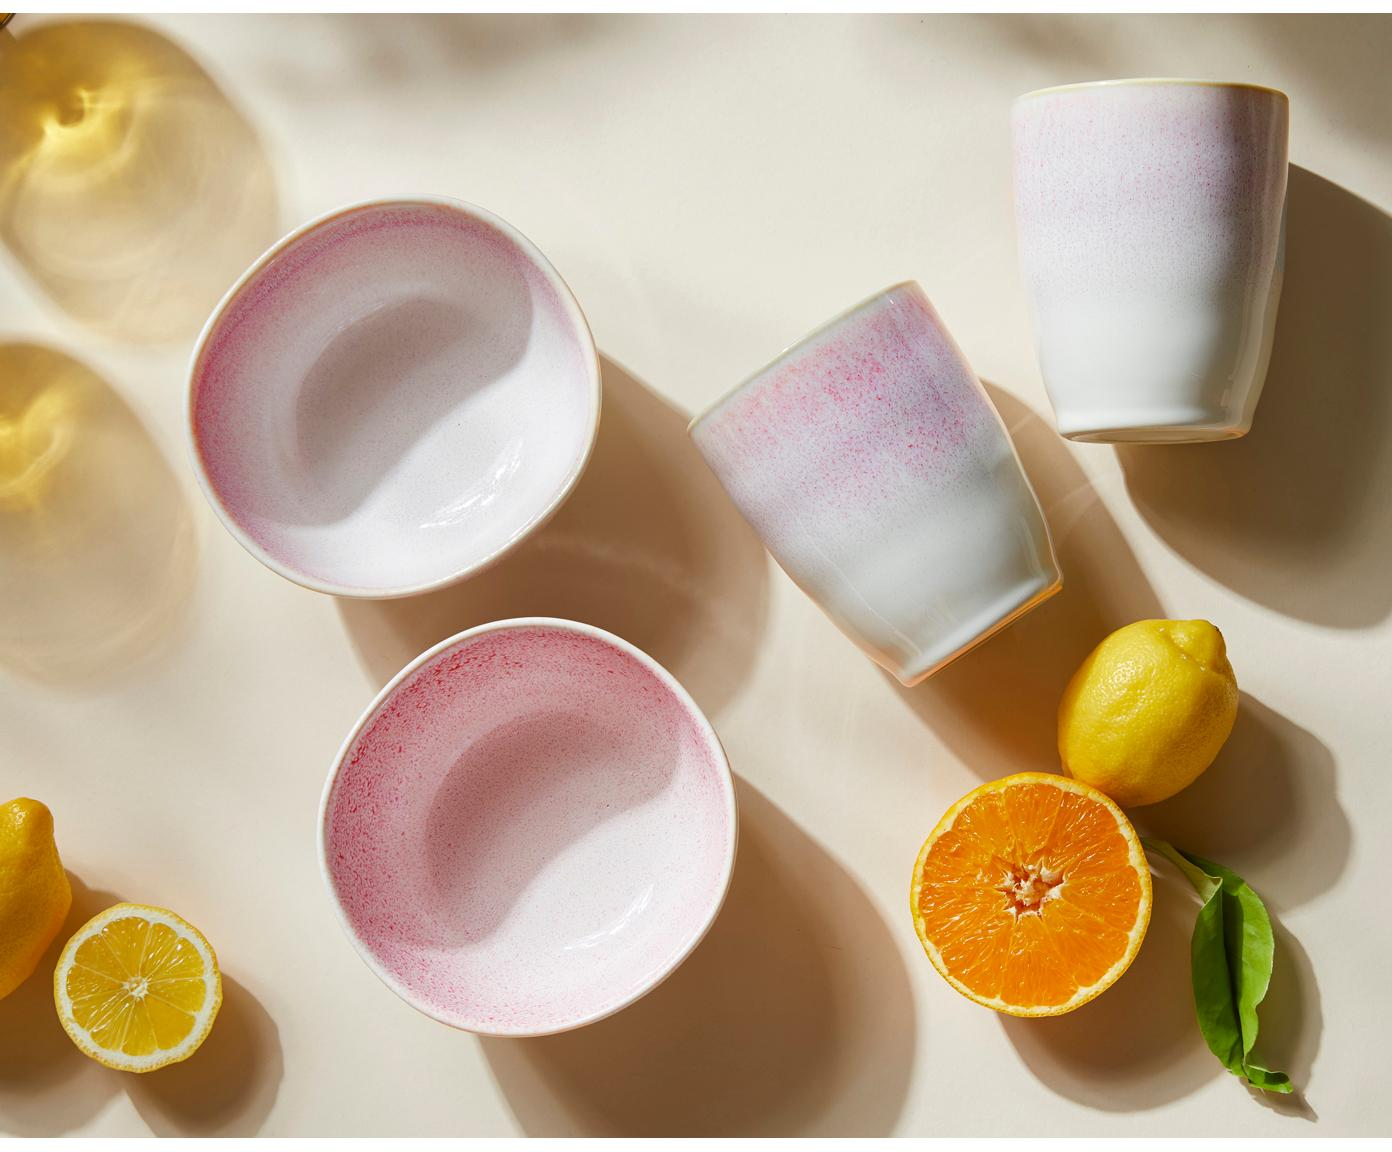 Ciotola fatta a mano Amalia 2 pz, Ceramica, Rosa chiaro, bianco crema, Ø 14 x Alt. 7 cm